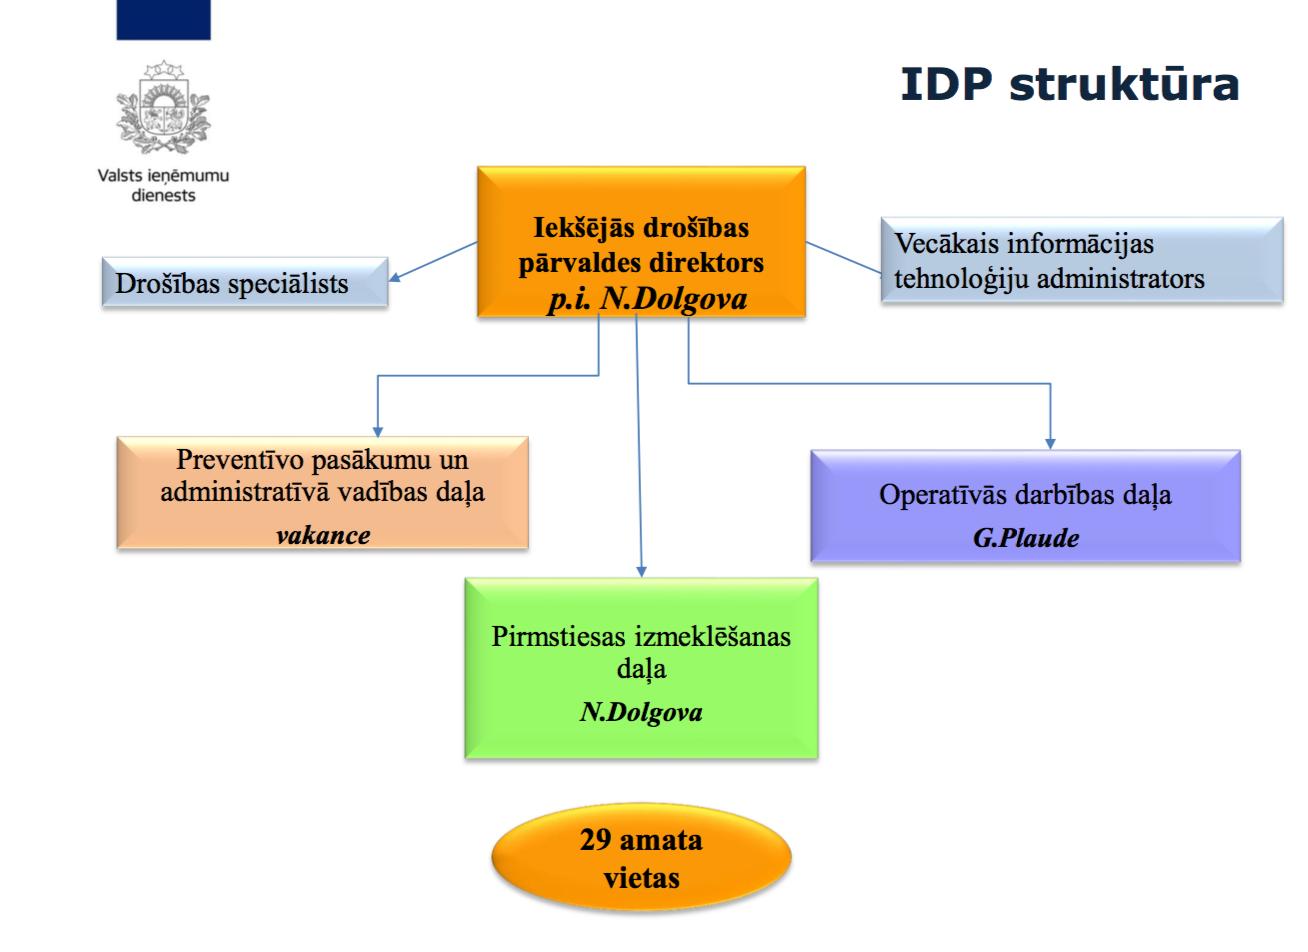 opcijas struktūra)